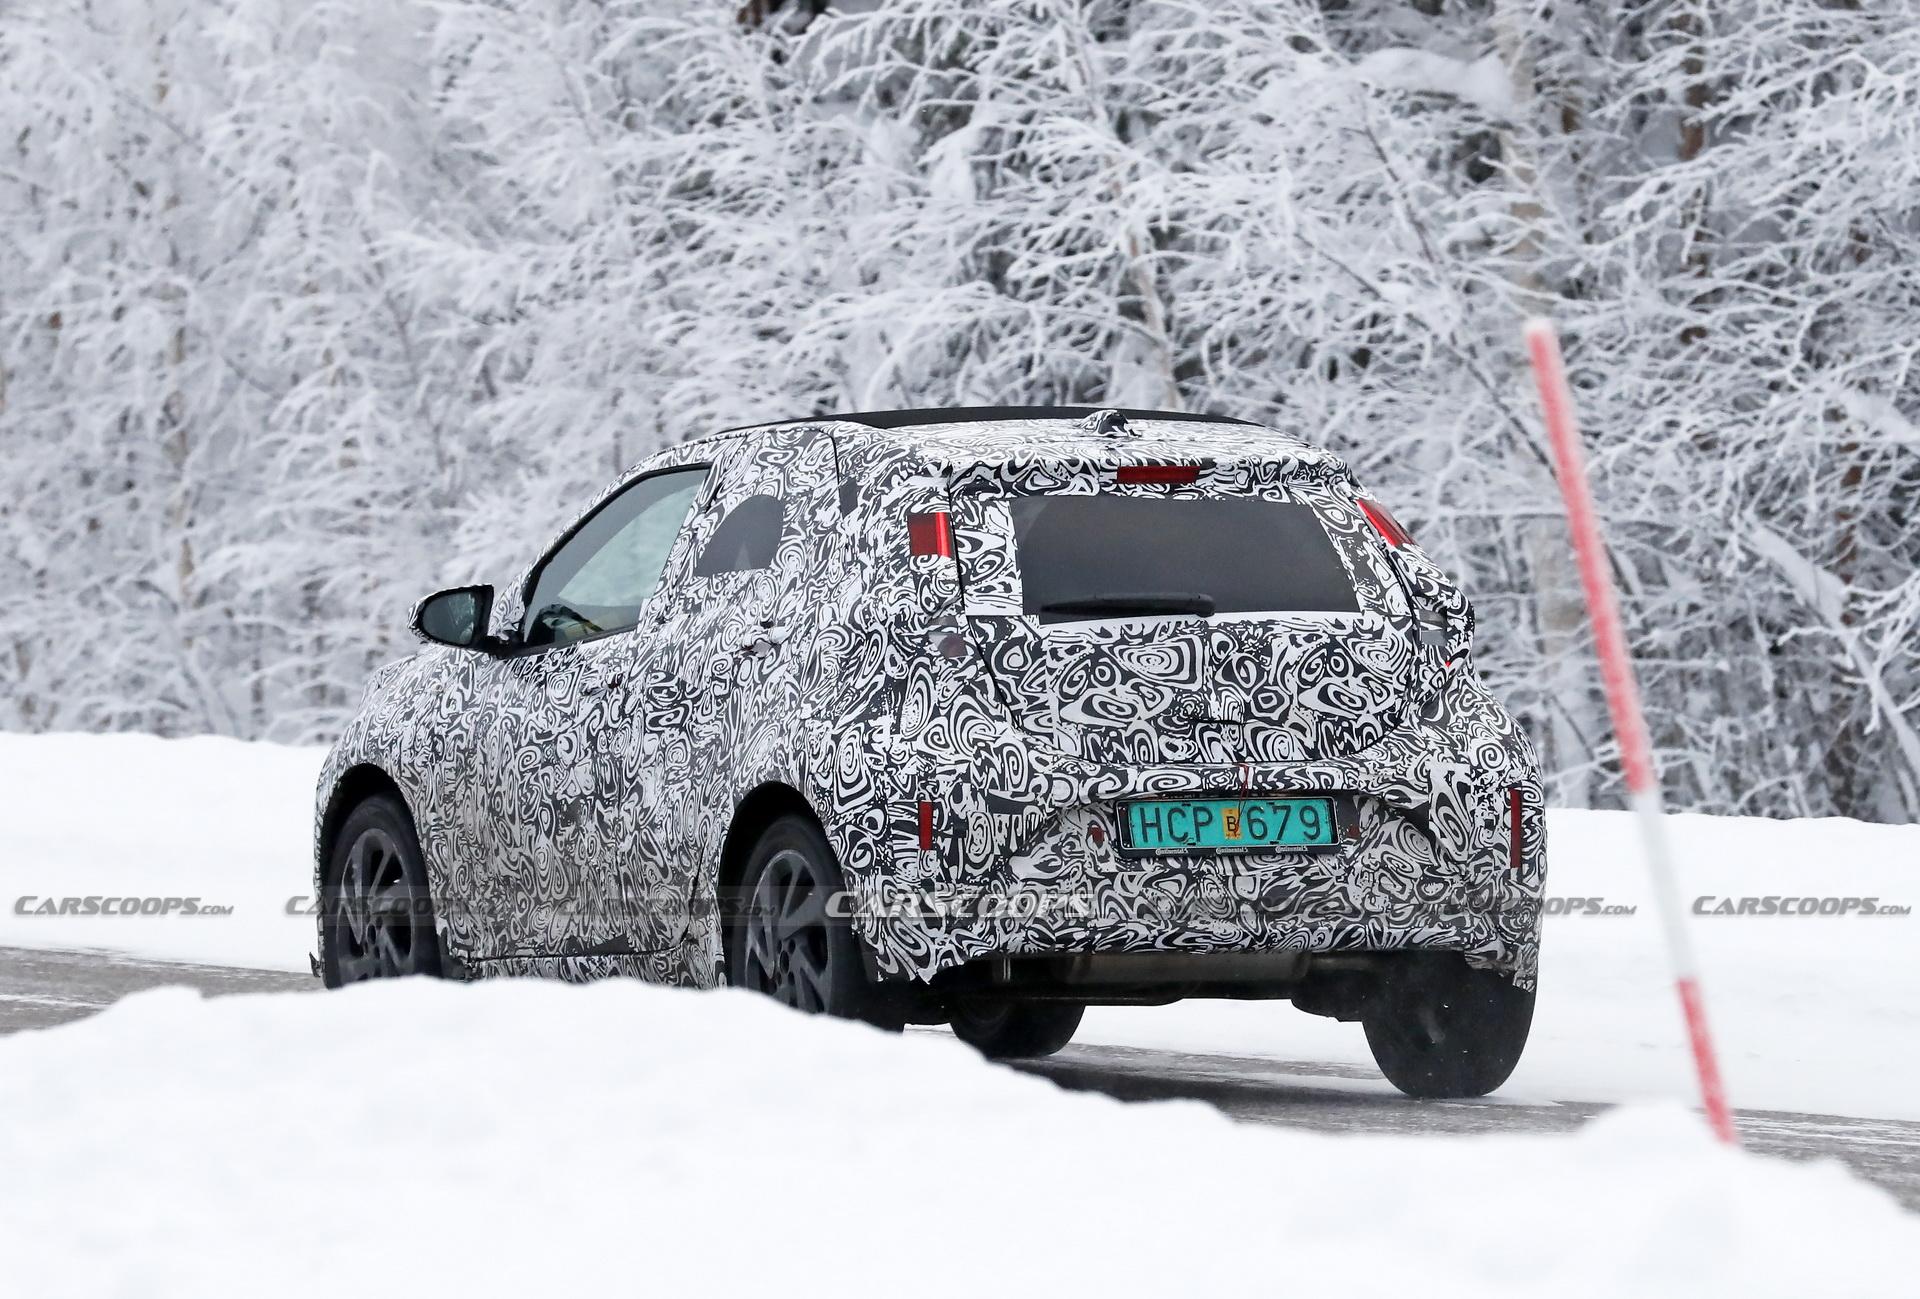 Toyota'dan yeni model duyurusu: Avrupa'daki en uygun fiyatlı Toyota olacak